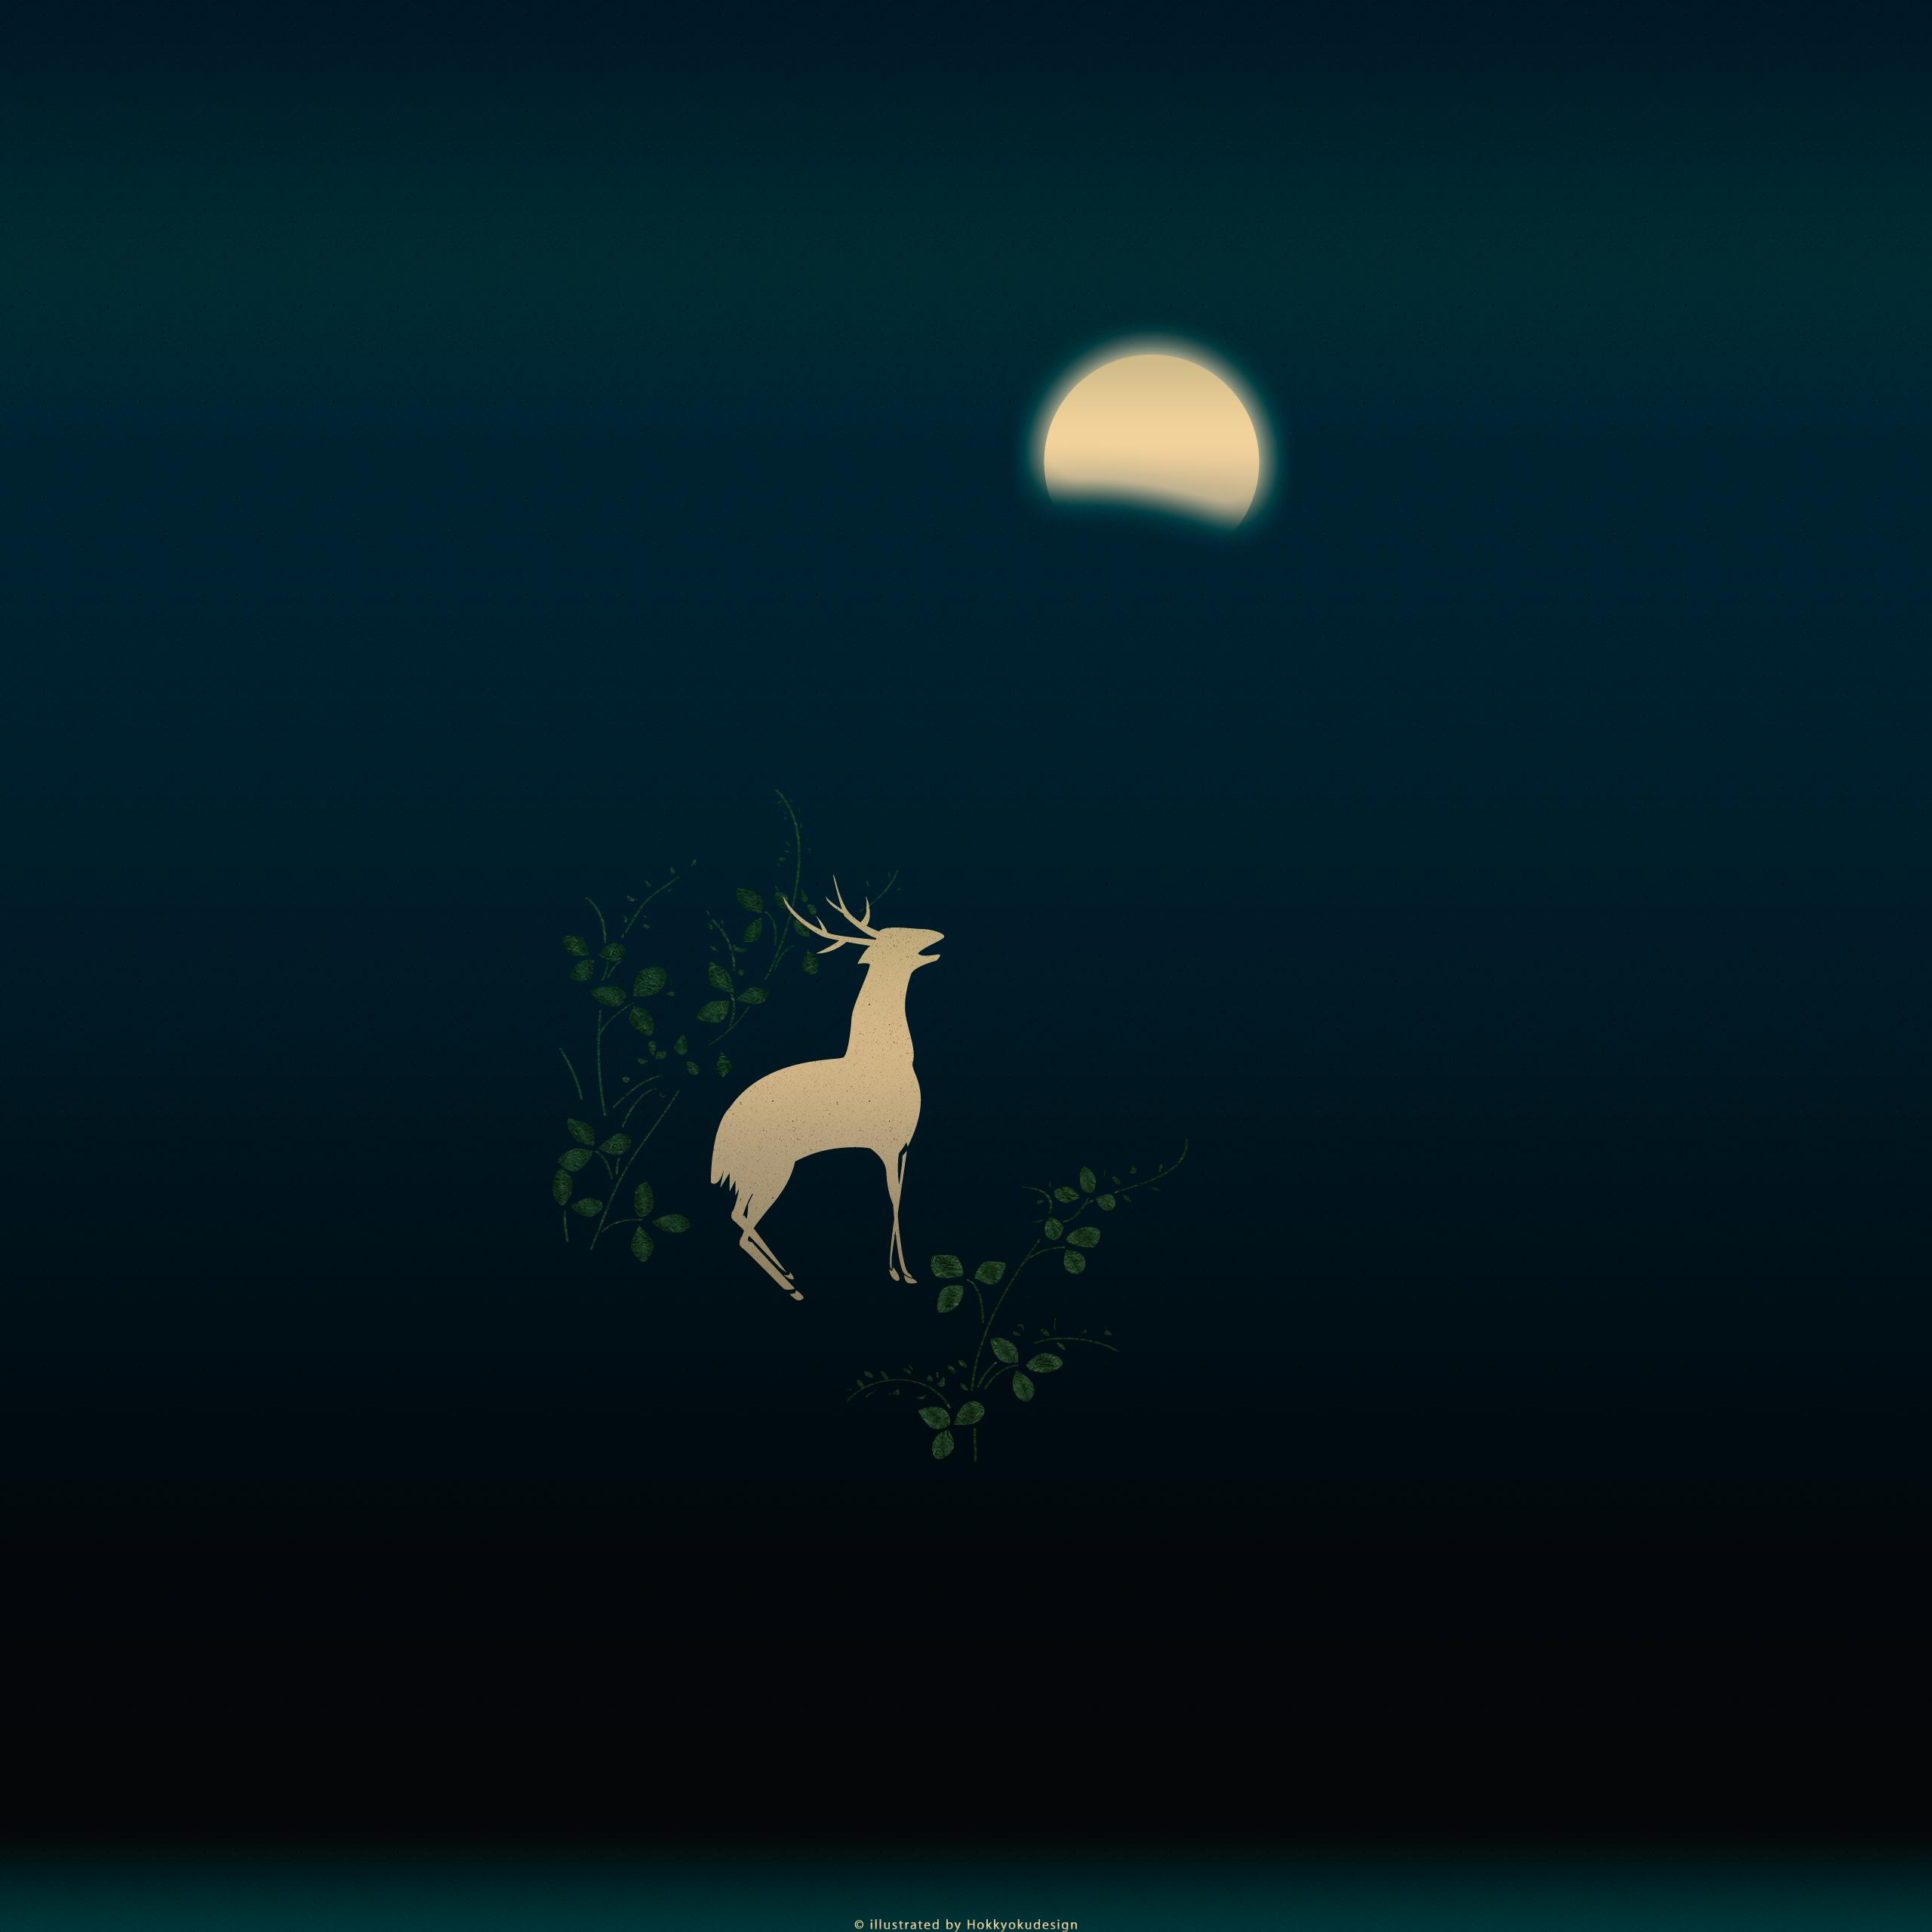 和風壁紙 月に萩鹿図 真夜中 Wallpaper Of Japan Hagi Deer